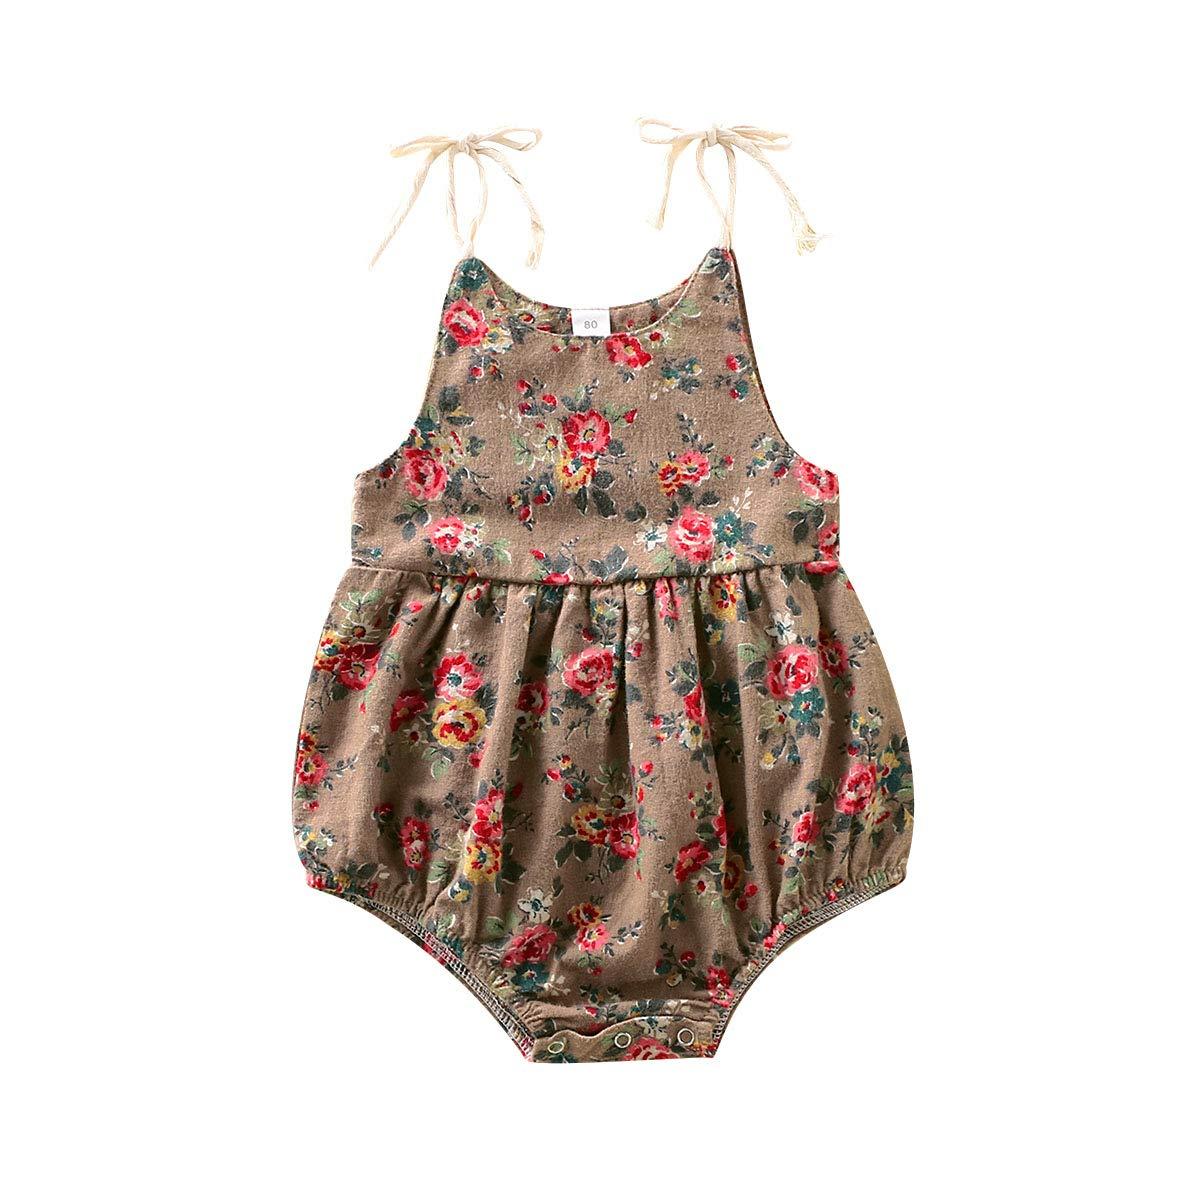 Newborn Infant Baby Girl Clothes Cotton Line Strap Jumpsuit Romper Bodysuit Sunsuit Outfits Set